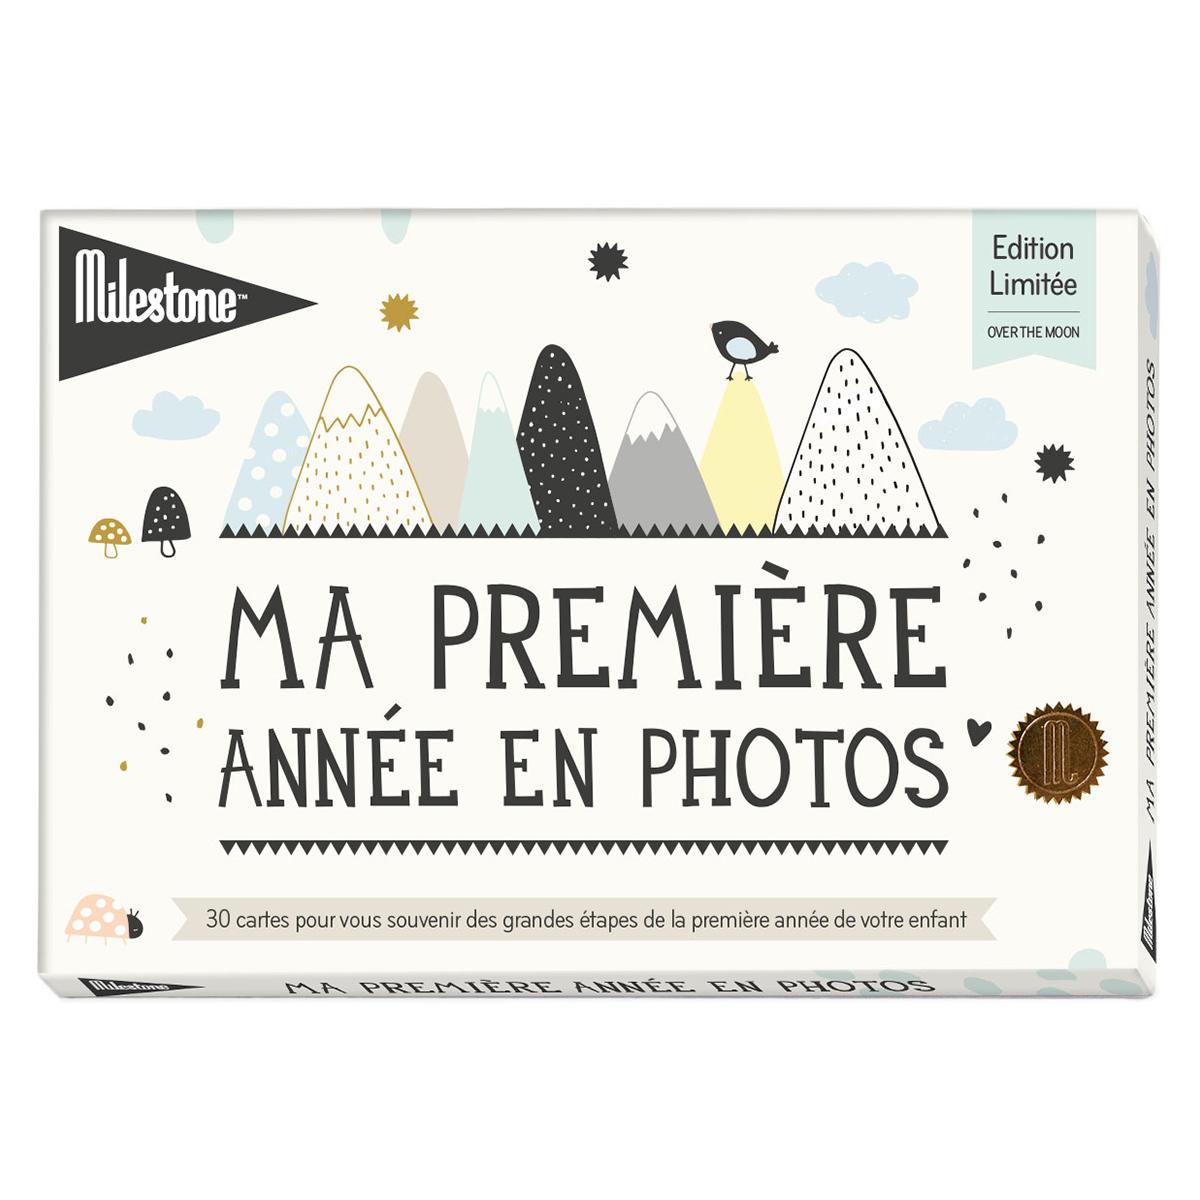 Livre & Carte Cartes Ma Première Année en Photos - Over the Moon Cartes Ma Première Année en Photos - Over the Moon